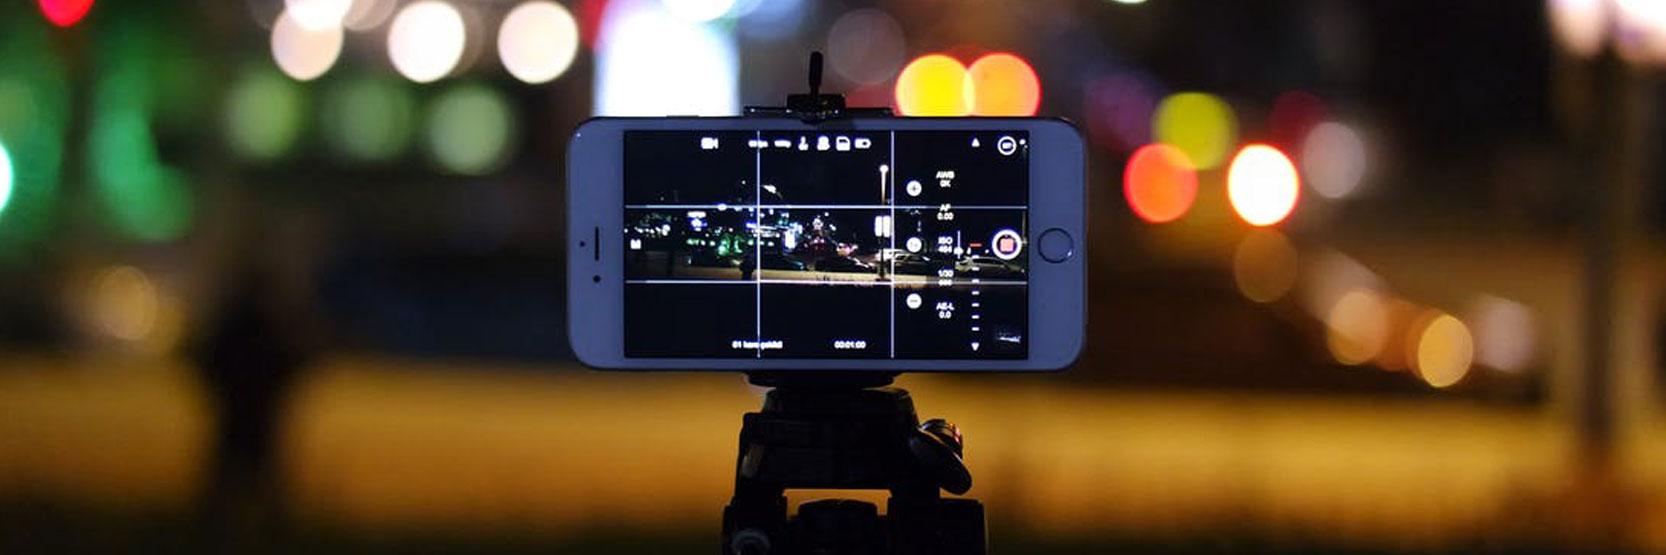 قواعد التصوير الليلي وتوضيح الصور المعتمة